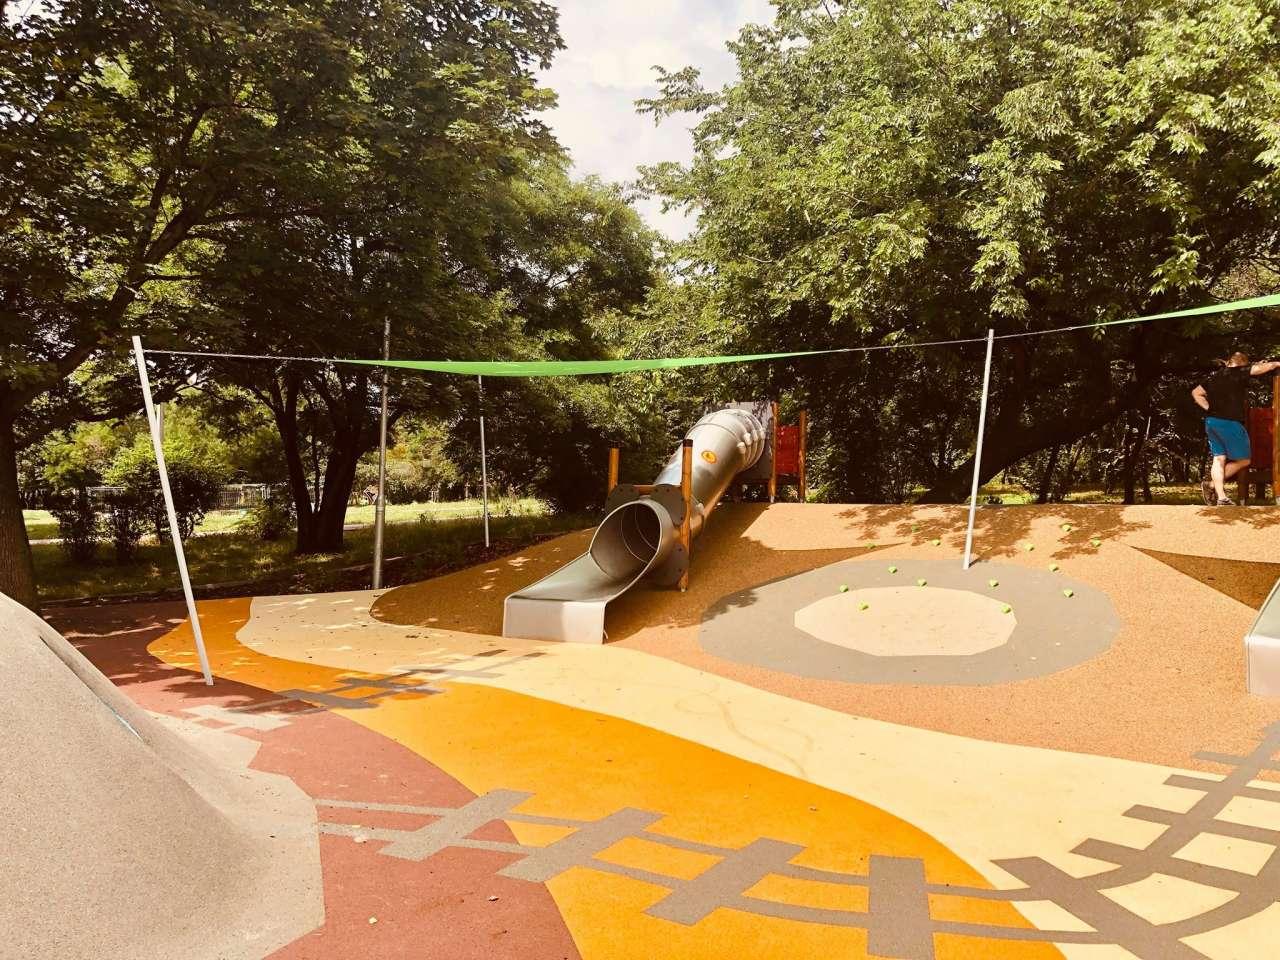 Tematikus játszóterekkel bővült a kőbányai Óhegy park